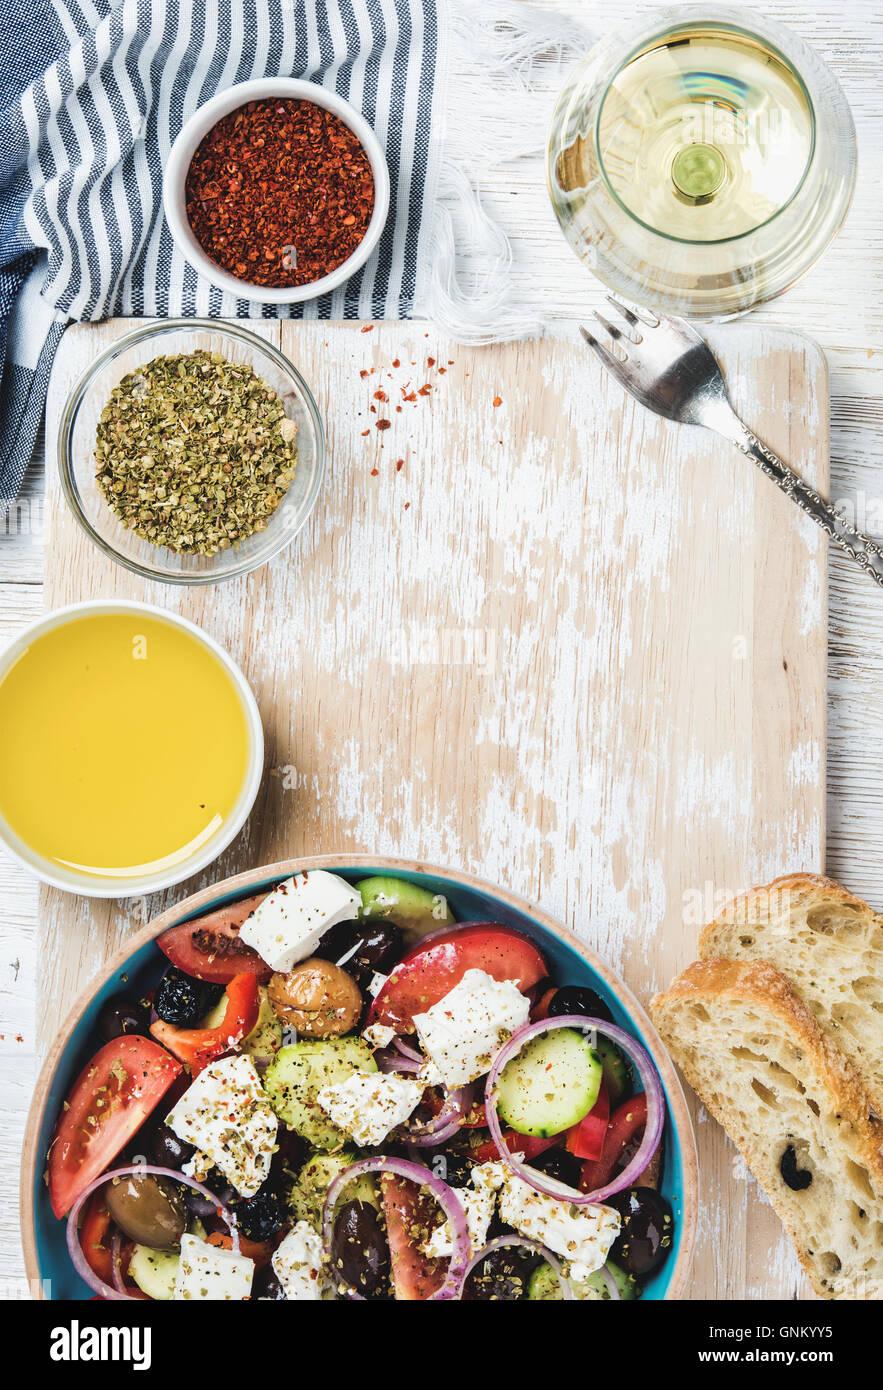 Griechischer Salat mit Olivenöl, Brot, Kräutern und Weißwein Stockbild